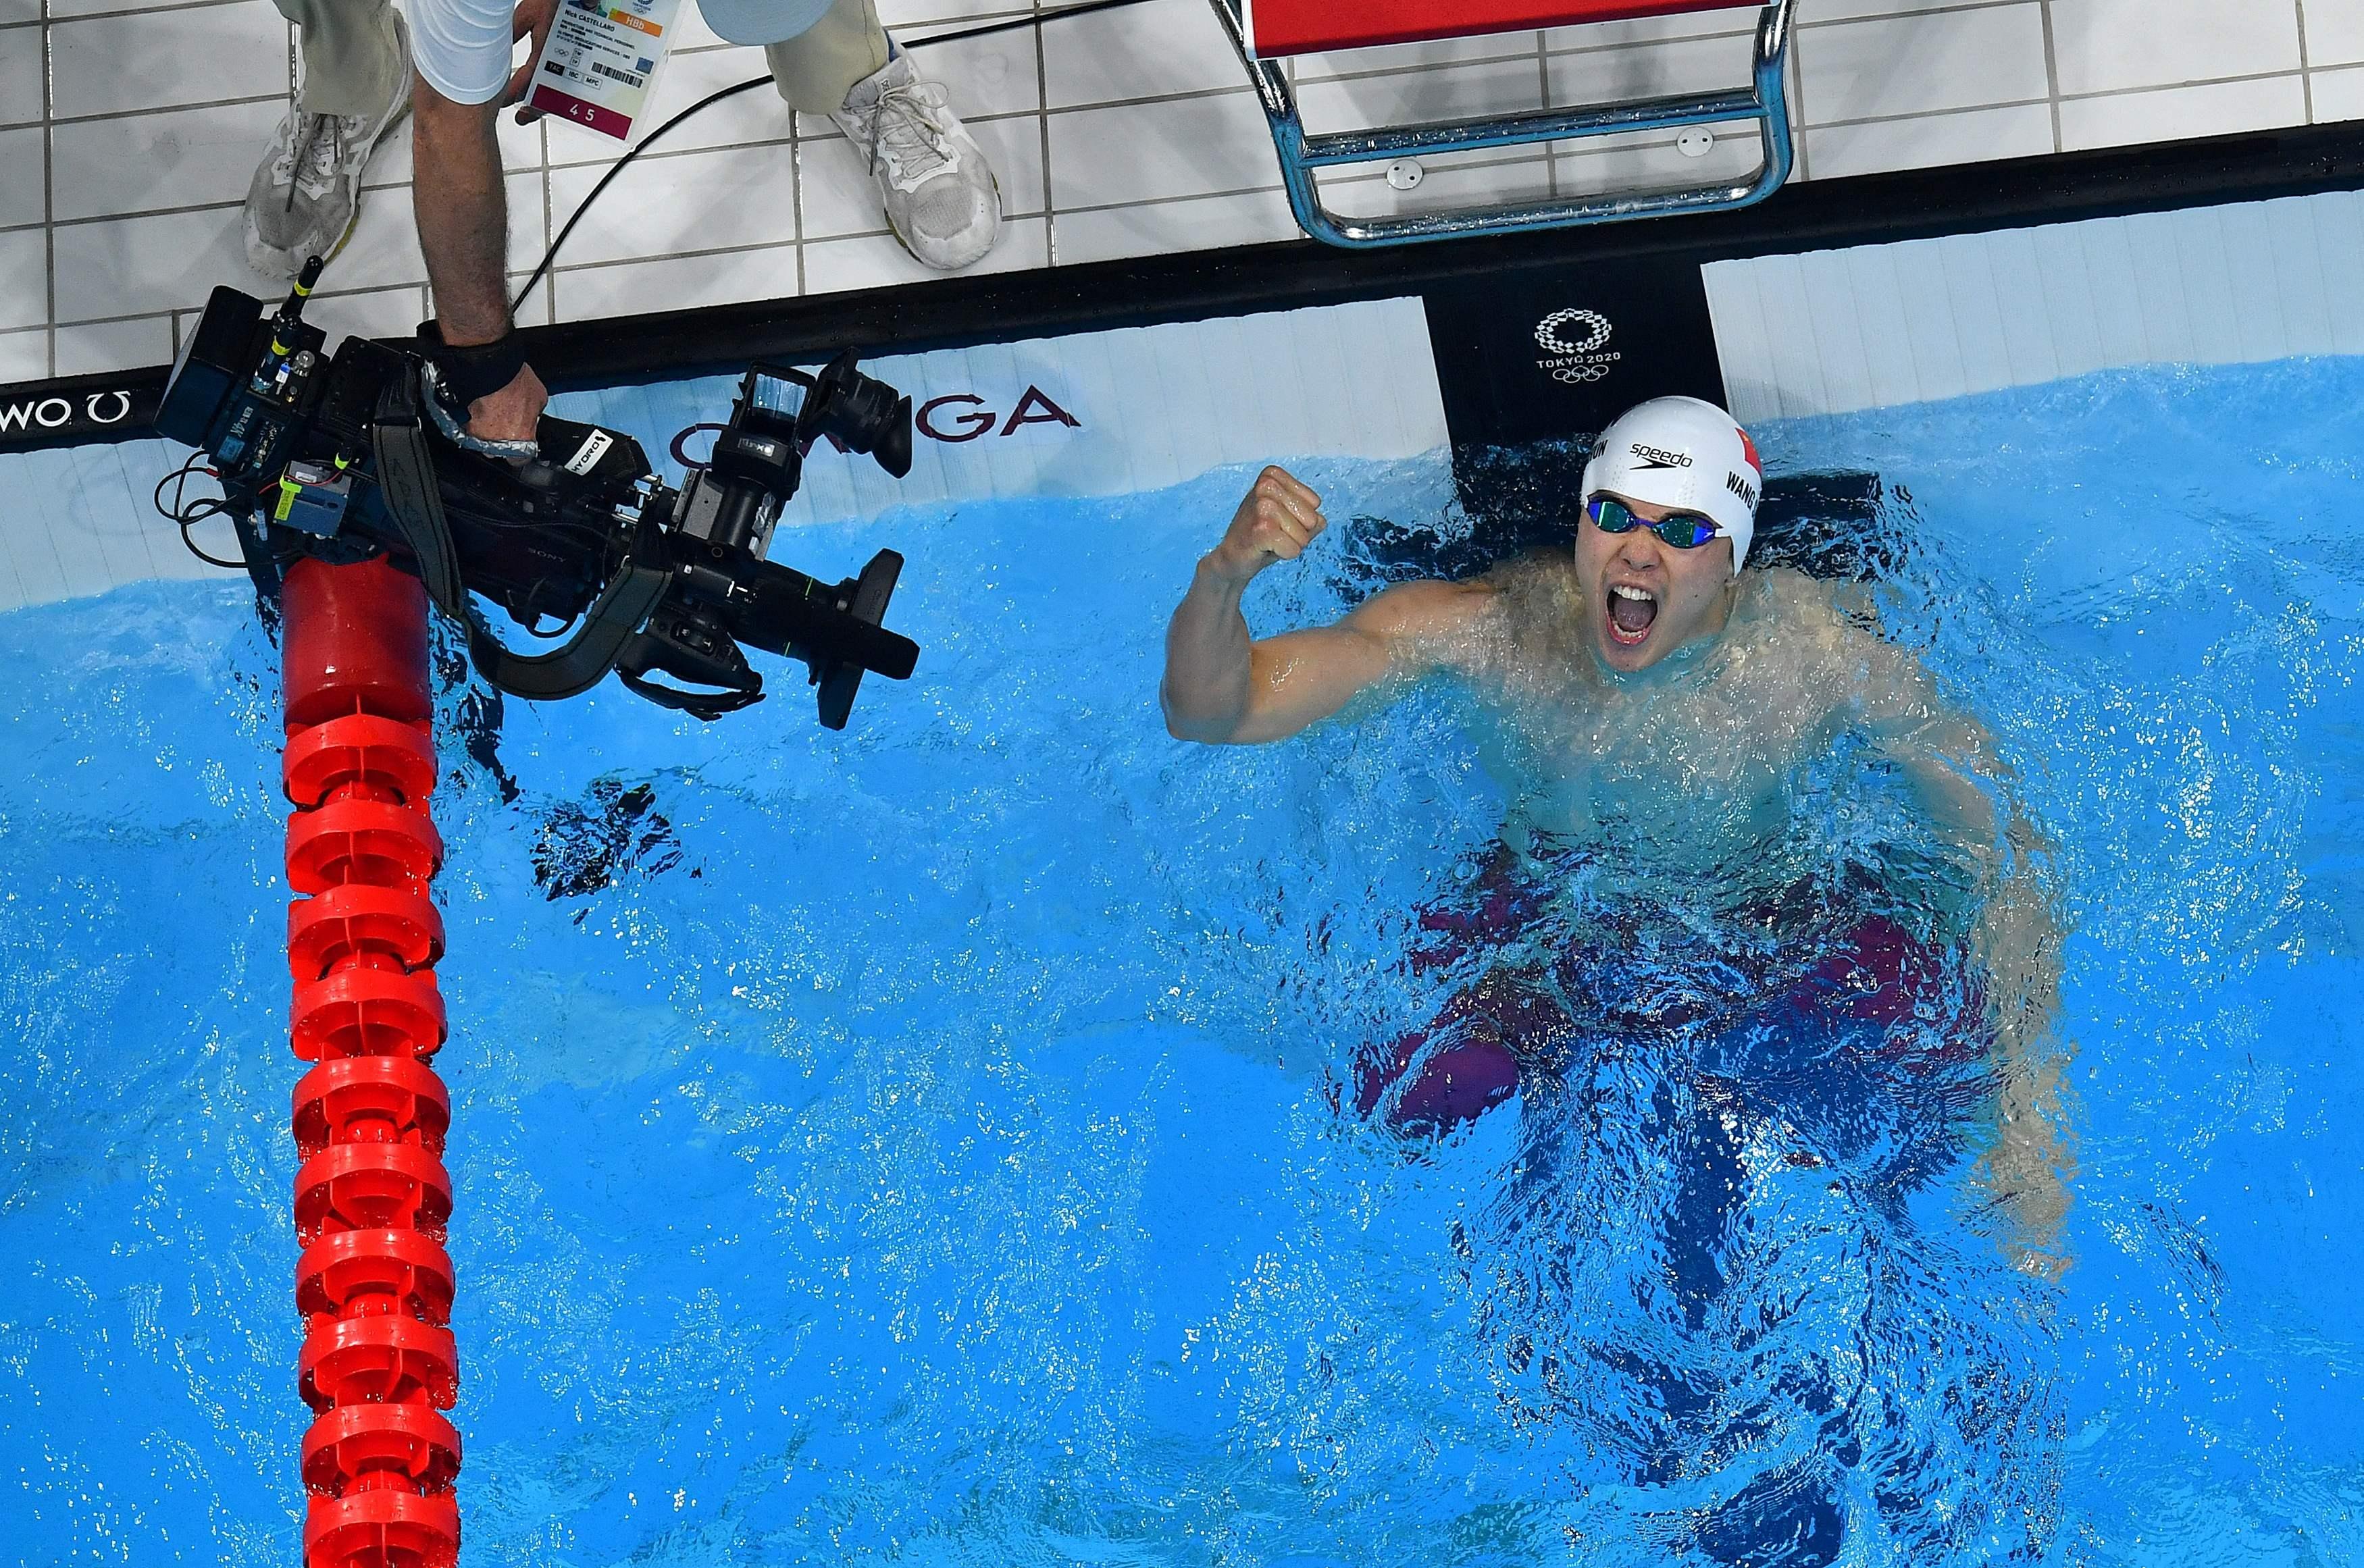 汪顺200米混合泳摘金,本届奥运中国男子游泳第一枚金牌(图5)